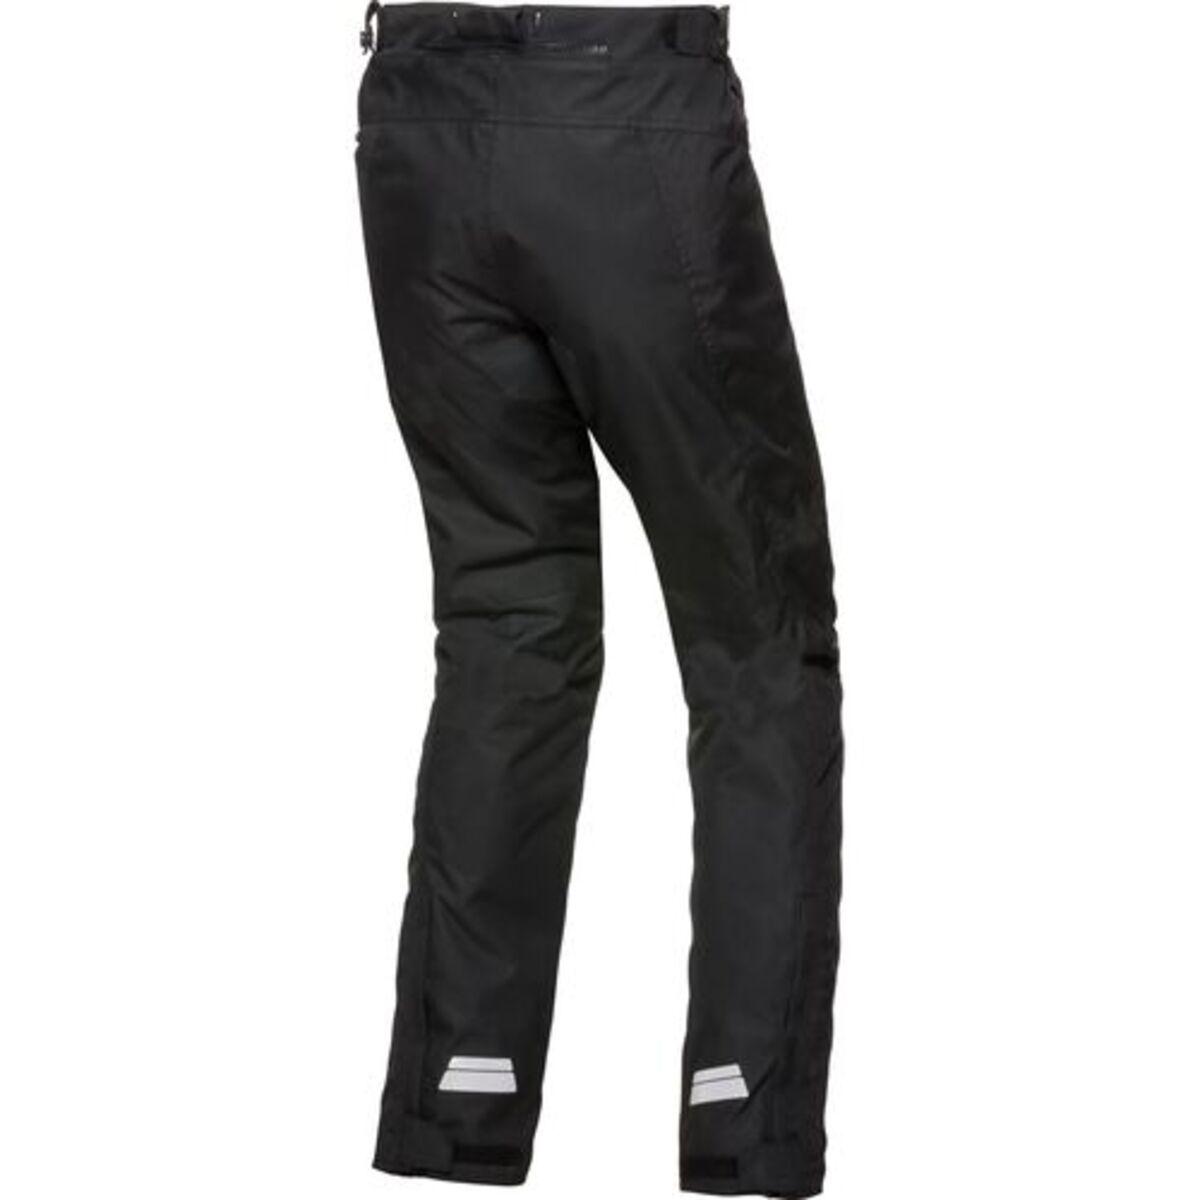 Bild 2 von Road            Tour Textilhose 2.0 schwarz